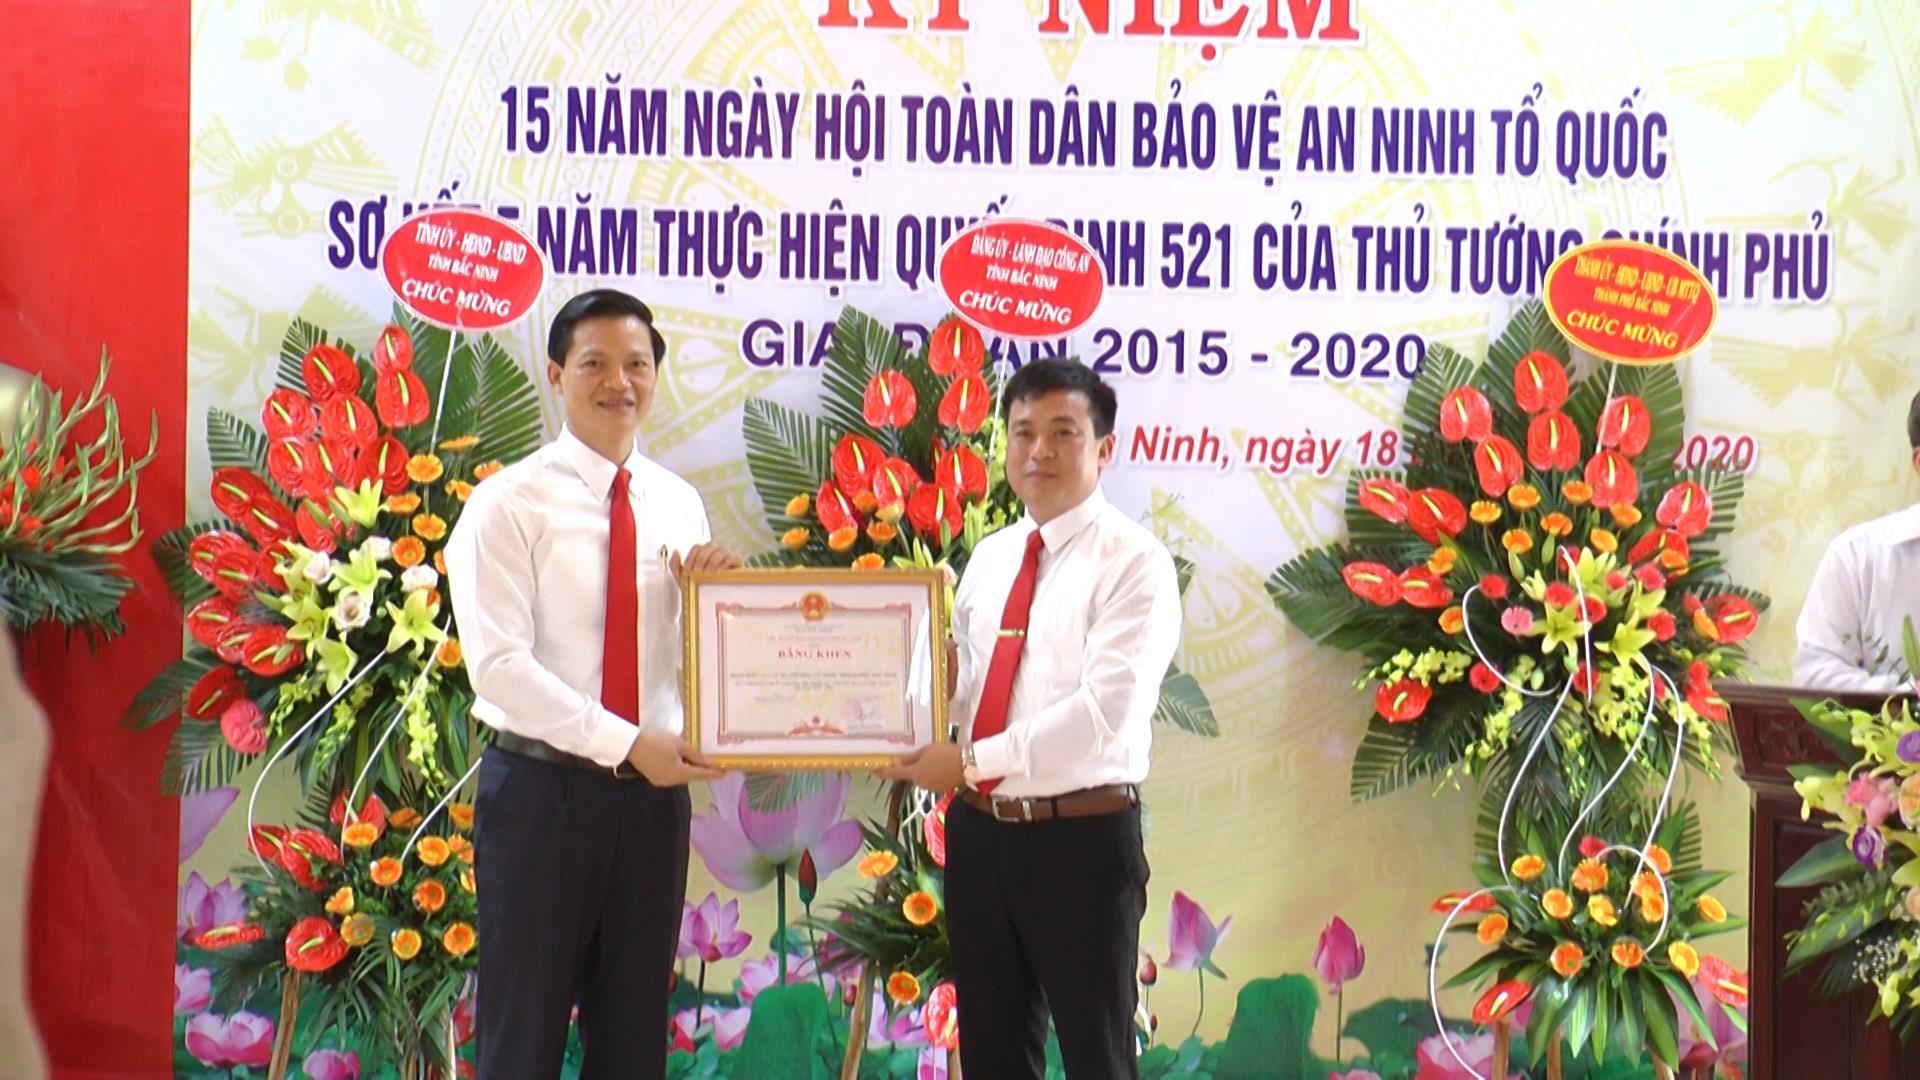 Lãnh đạo tỉnh dự ngày hội Toàn dân bảo vệ an ninh tổ quốc tại phường Vũ Ninh